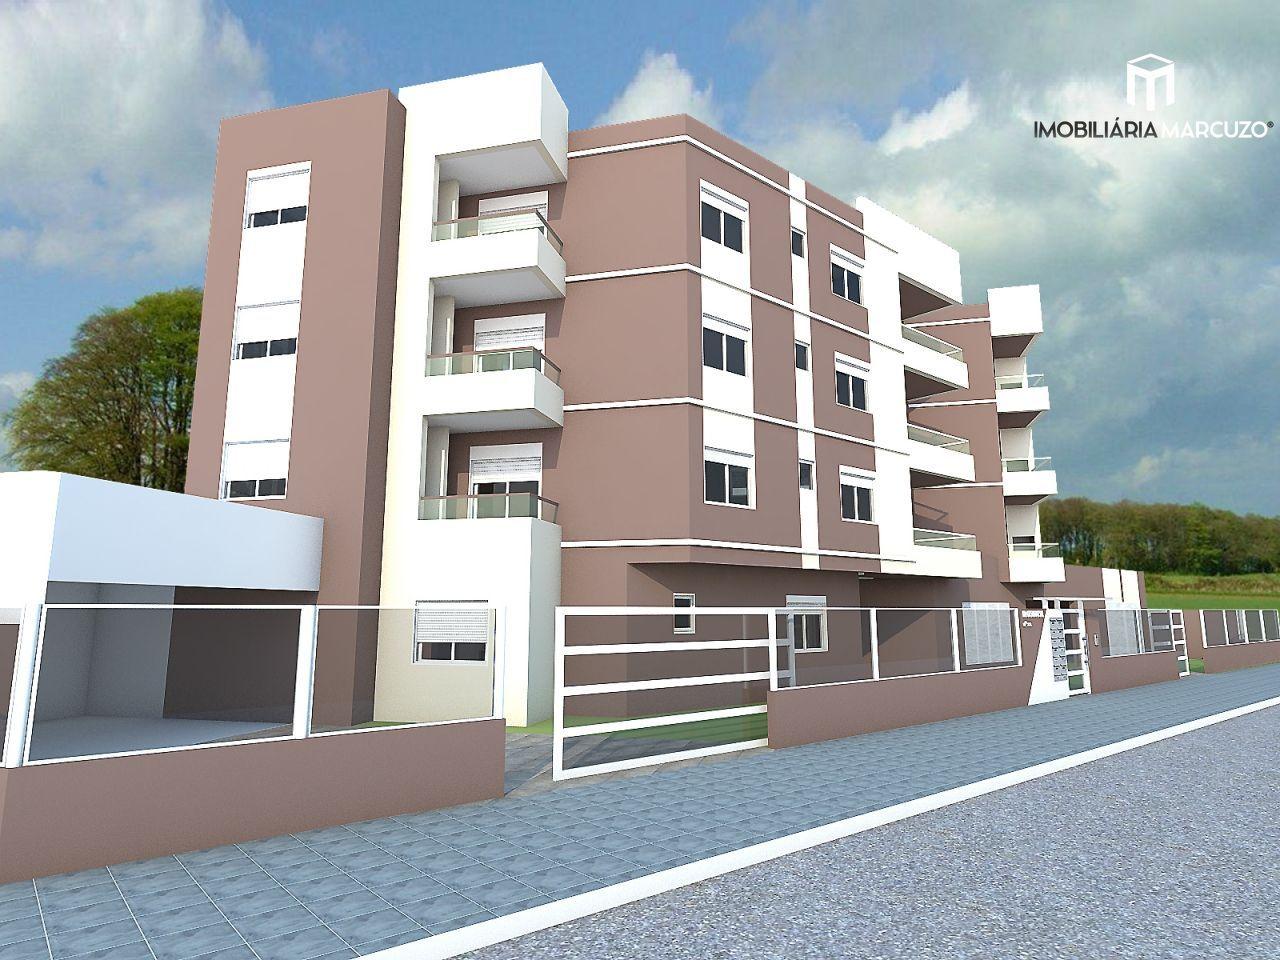 Apartamento com 2 Dormitórios à venda, 75 m² por R$ 305.000,00